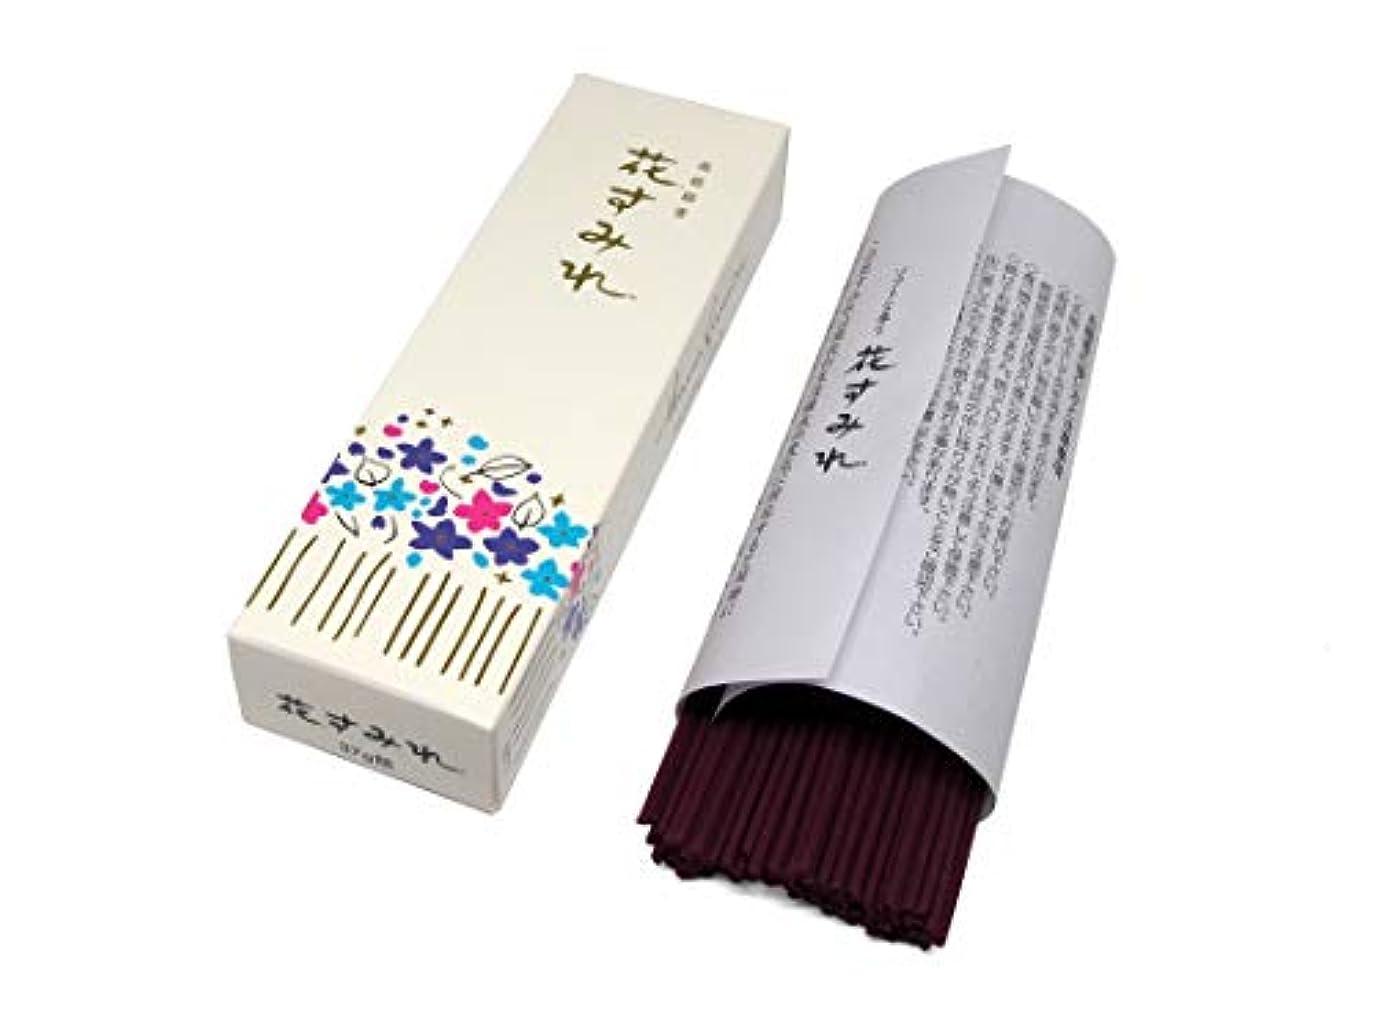 荒らす穿孔する本部Gyokushodo 日本製お香スティック Hana Sumire - 花の香り バイオレット - ミディアムパック - 5.5インチ 110本 - 日本製